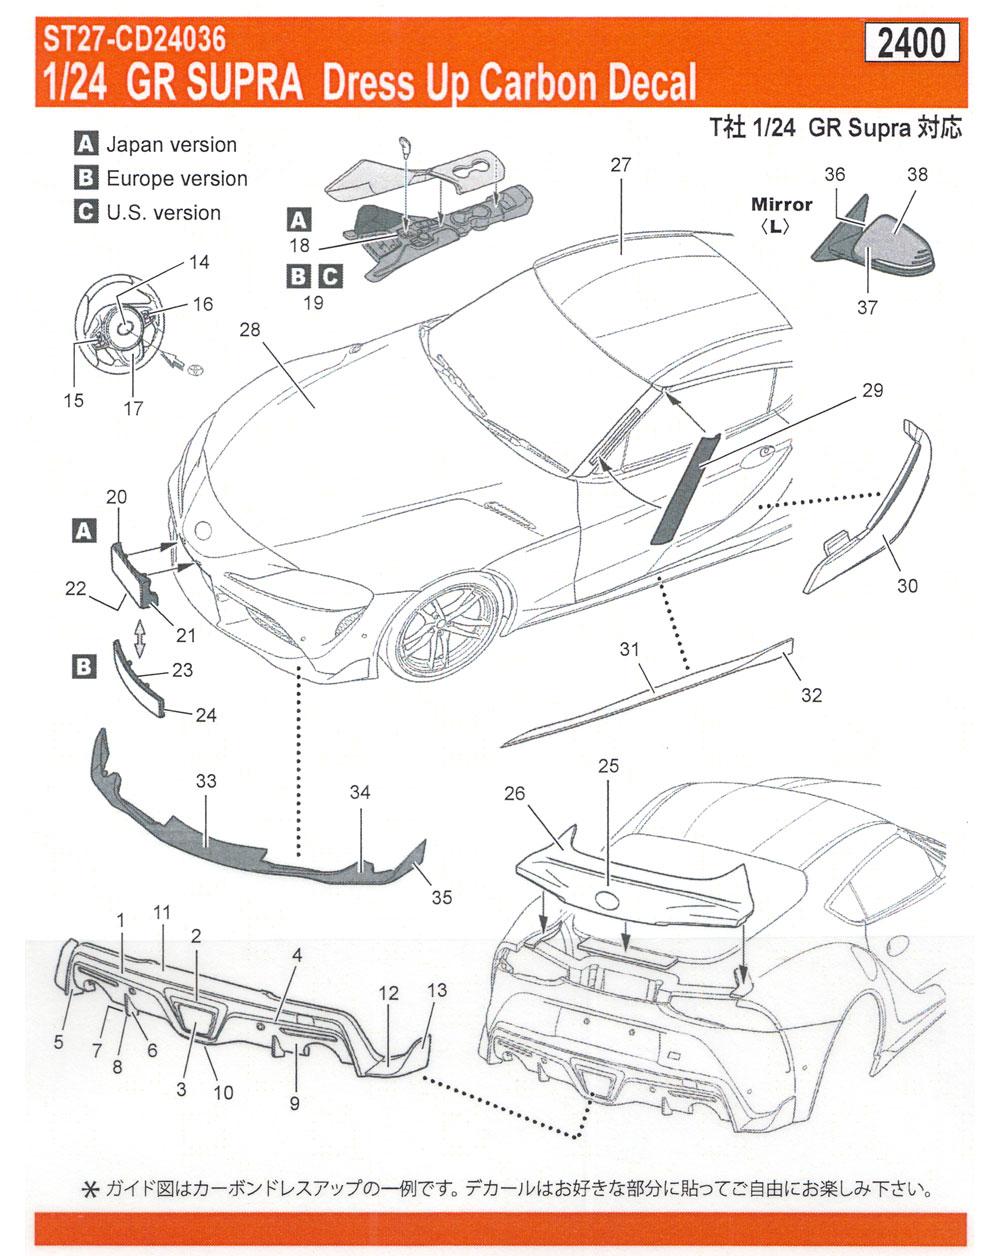 トヨタ GR スープラ ドレスアップ カーボンデカールデカール(スタジオ27ツーリングカー/GTカー カーボンデカールNo.CD24036)商品画像_1